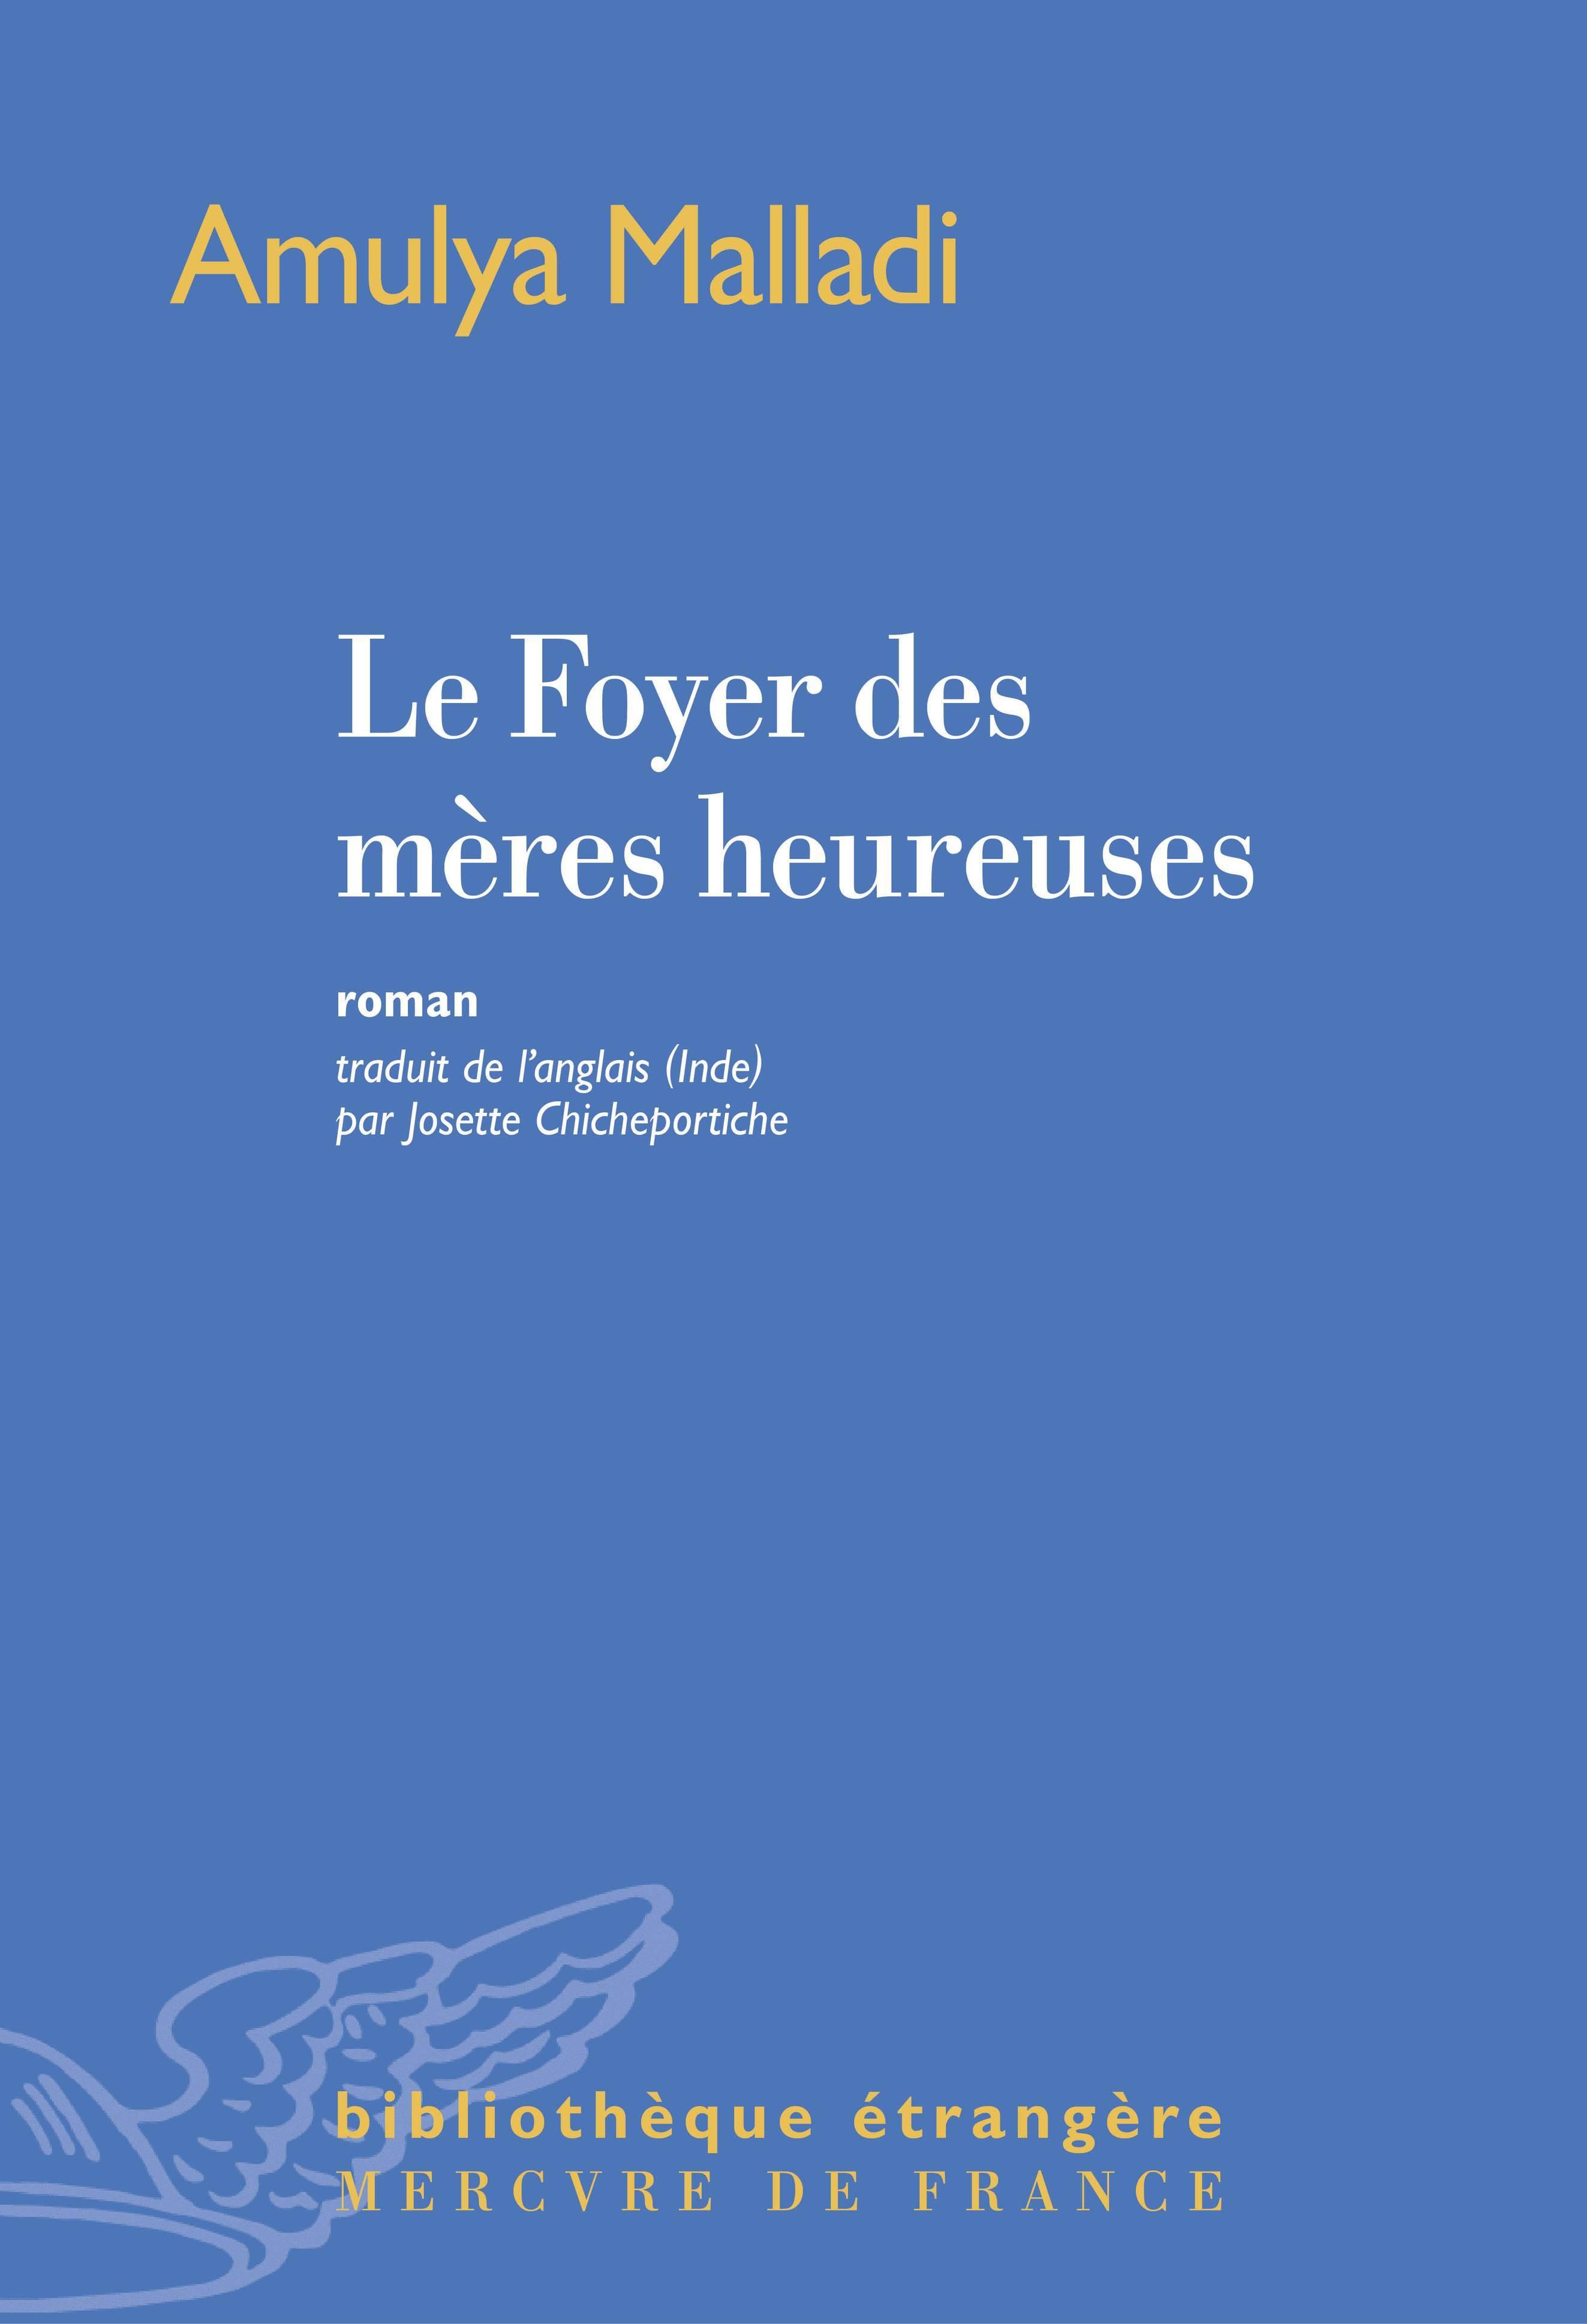 LE FOYER DES MERES HEUREUSES